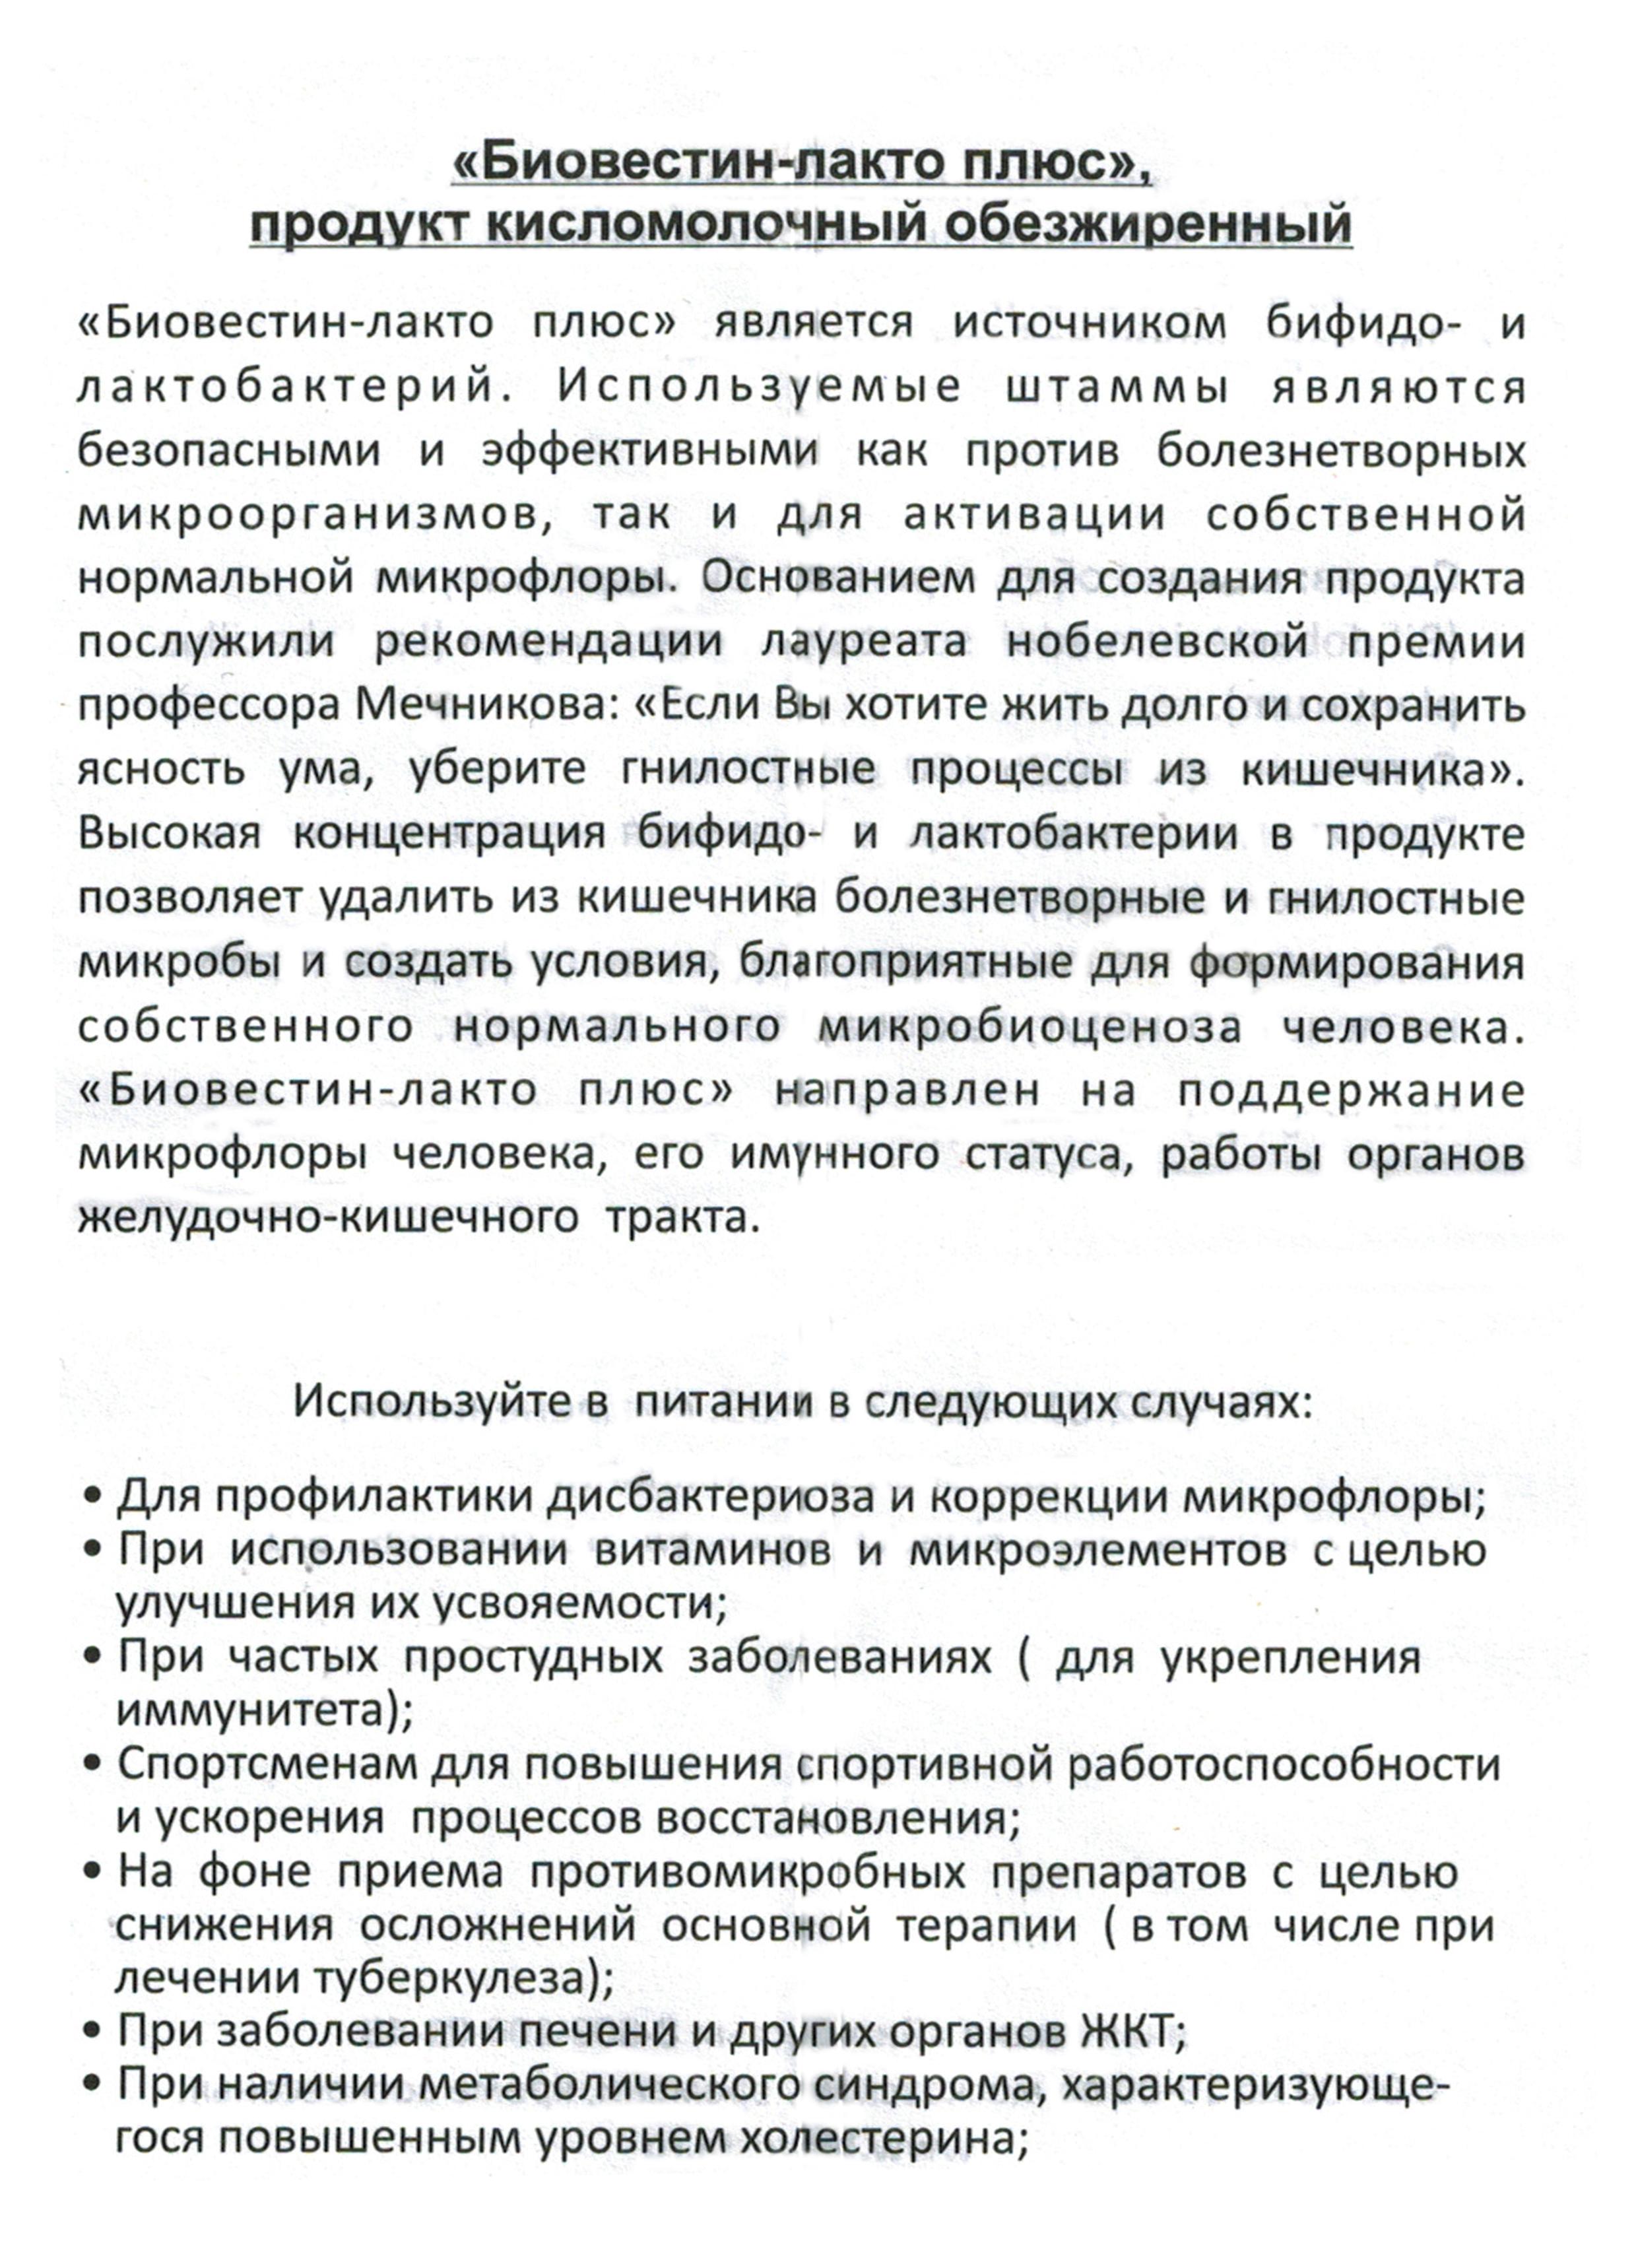 Биовестин лактоплюс инструкция